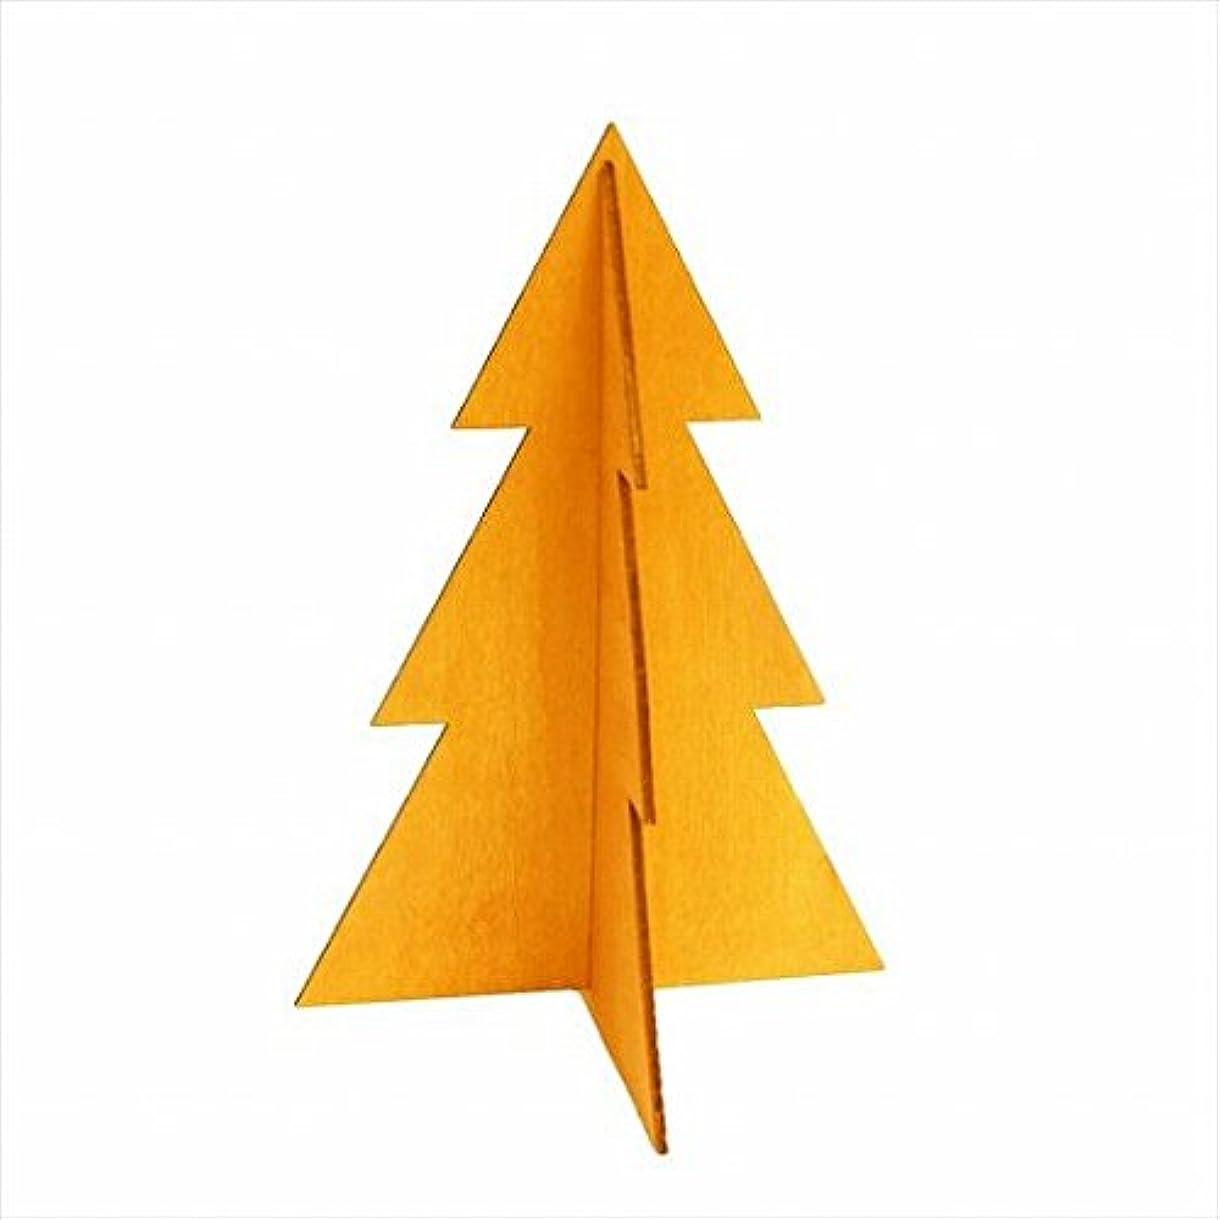 協定プランター締め切りカメヤマキャンドル(kameyama candle) フェスティブツリーM 「 オレンジ 」